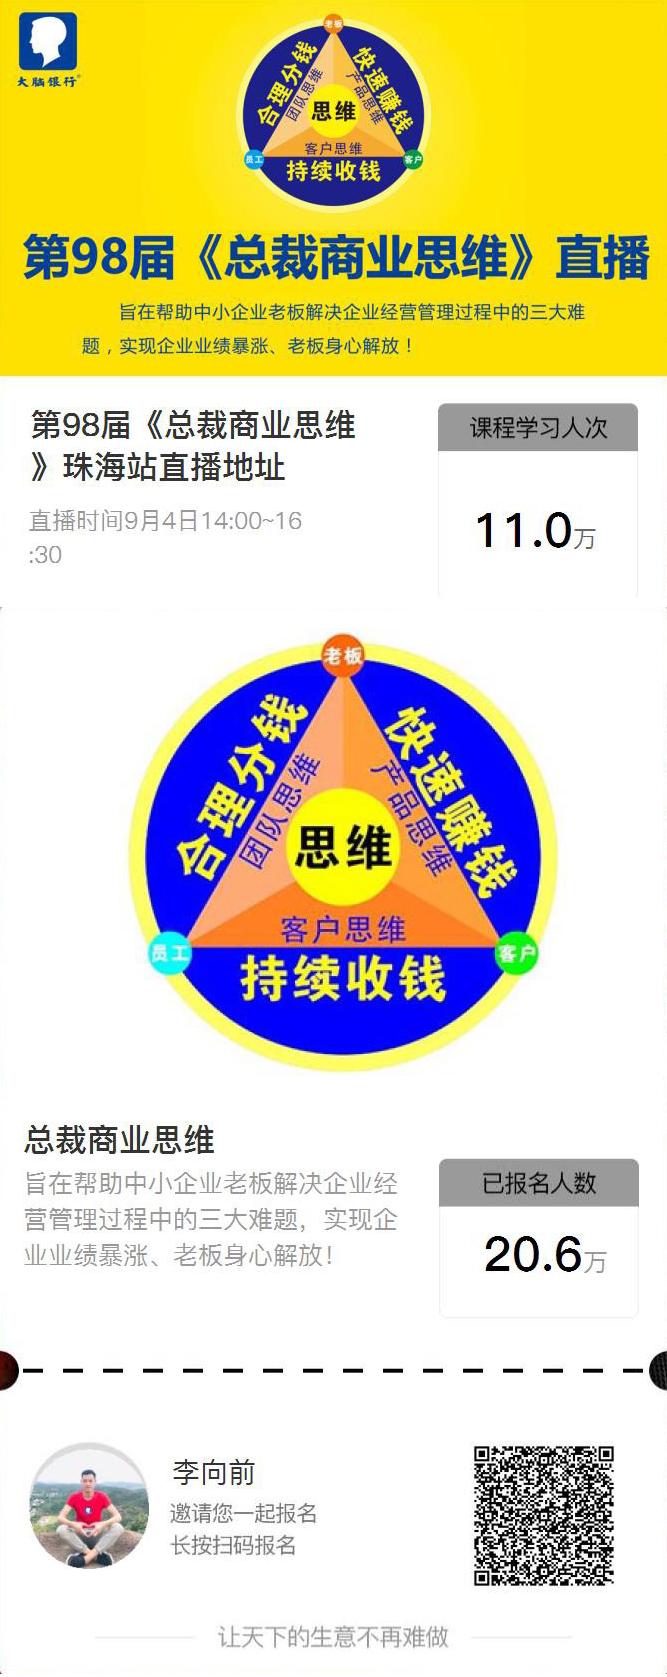 上海总裁商业思维在线学习